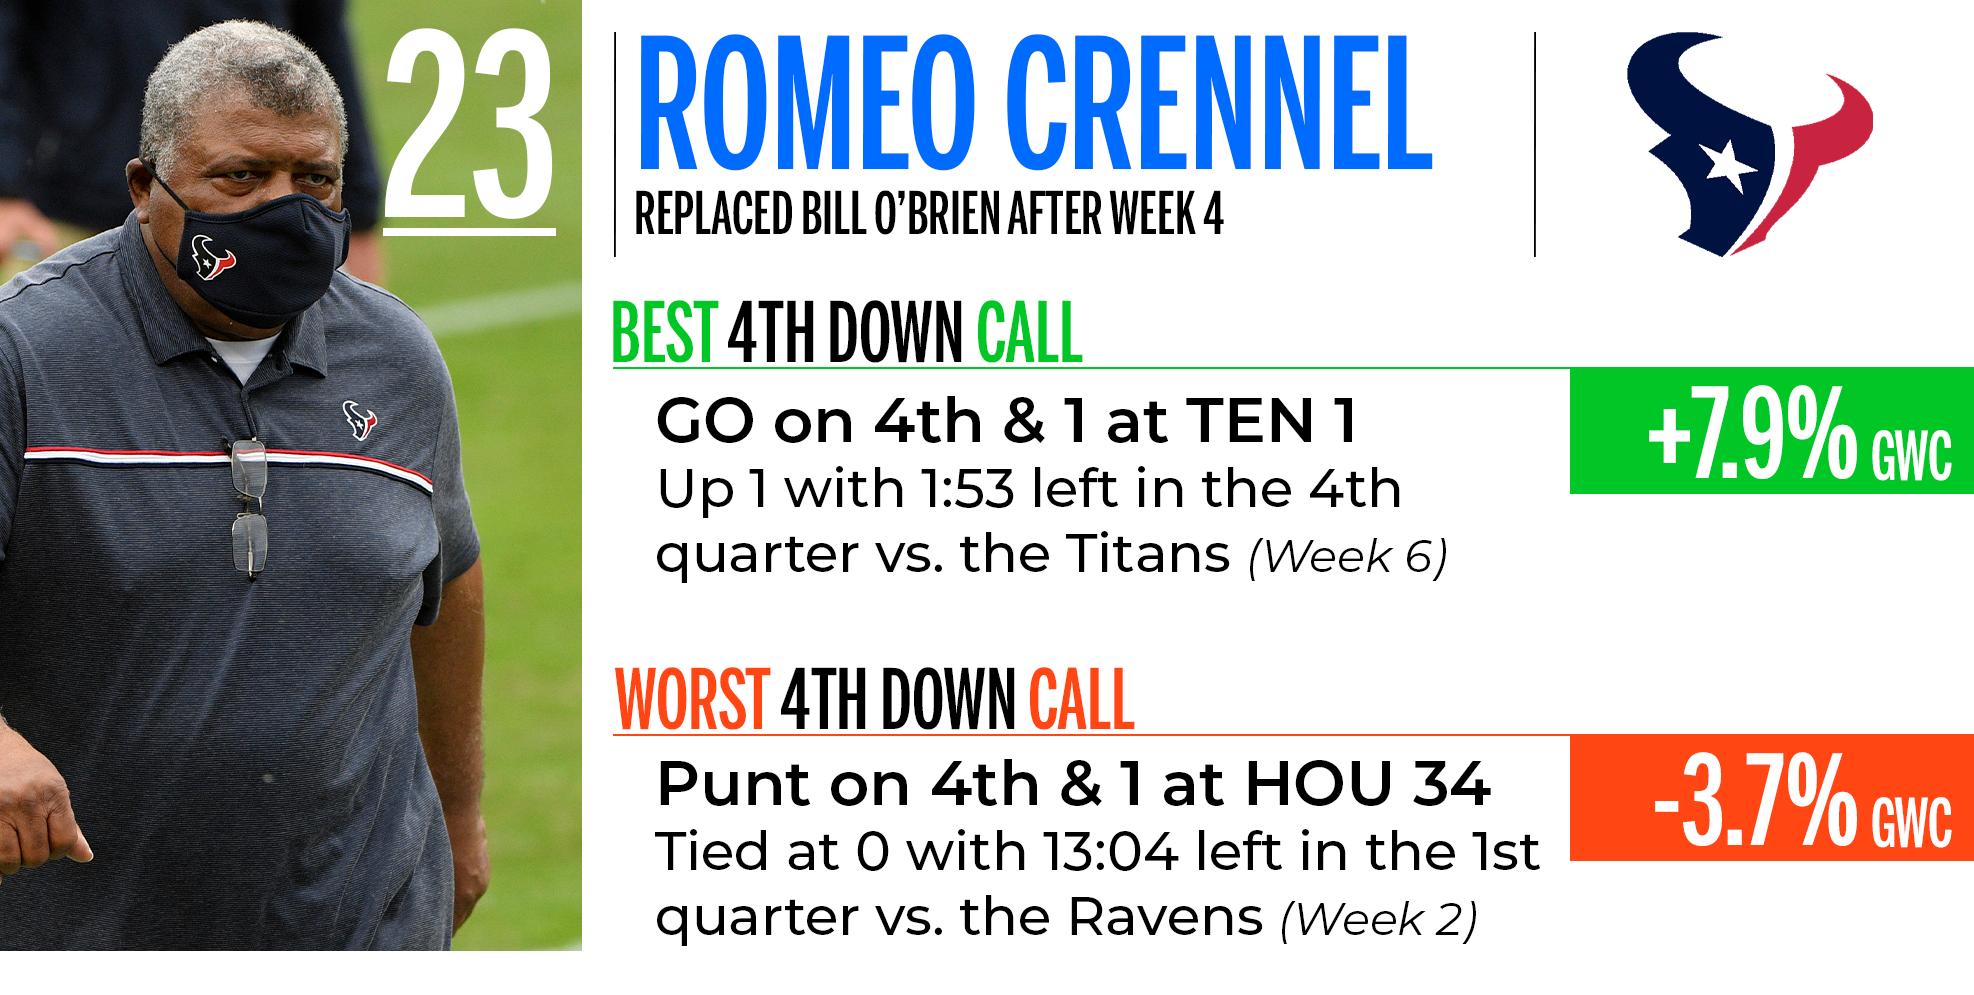 Romeo Crennel